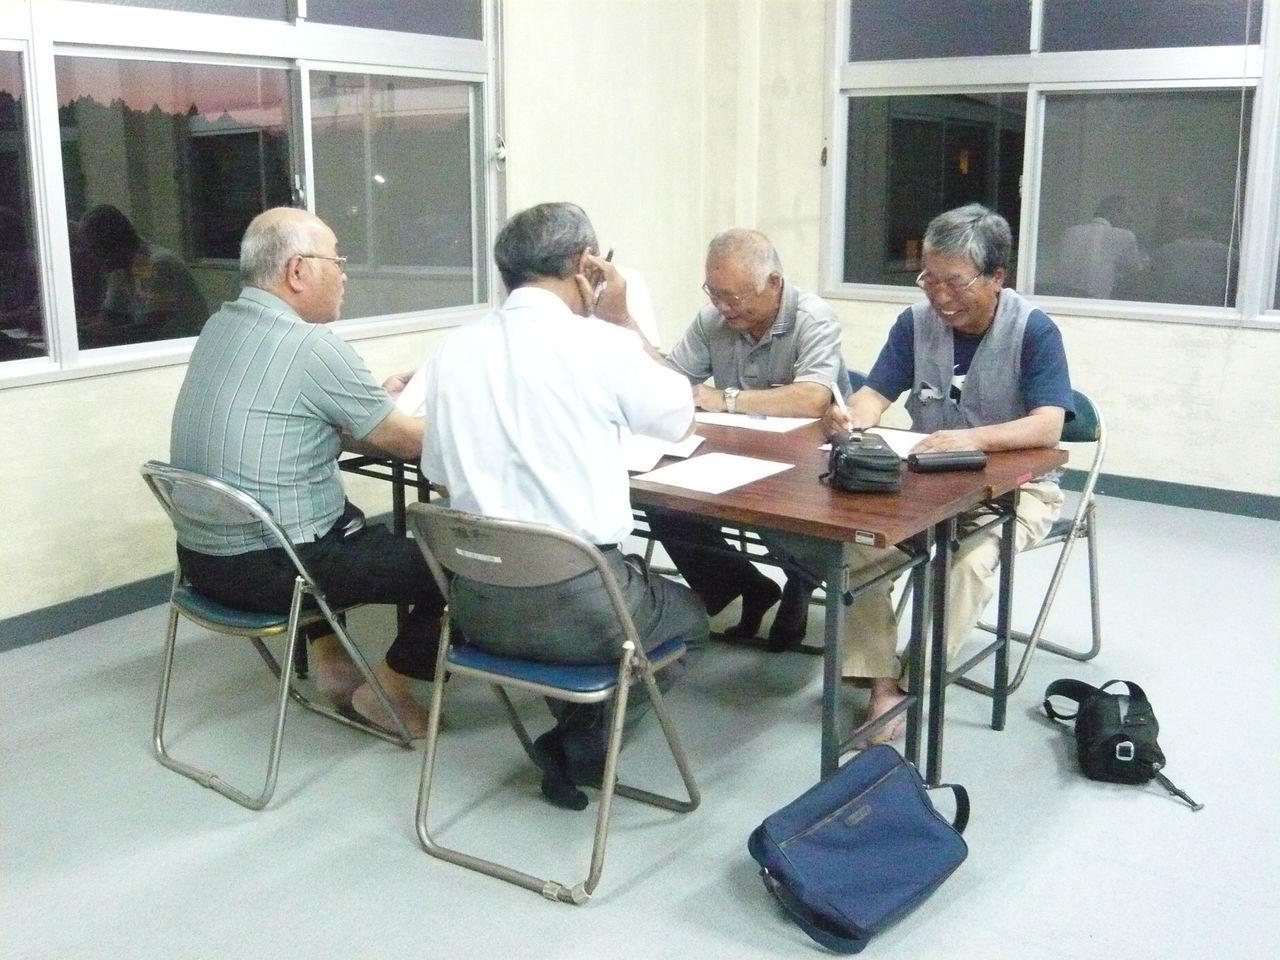 横市地区まちづくり協議会のブログ : 全体会及び第1回専門部会、開催